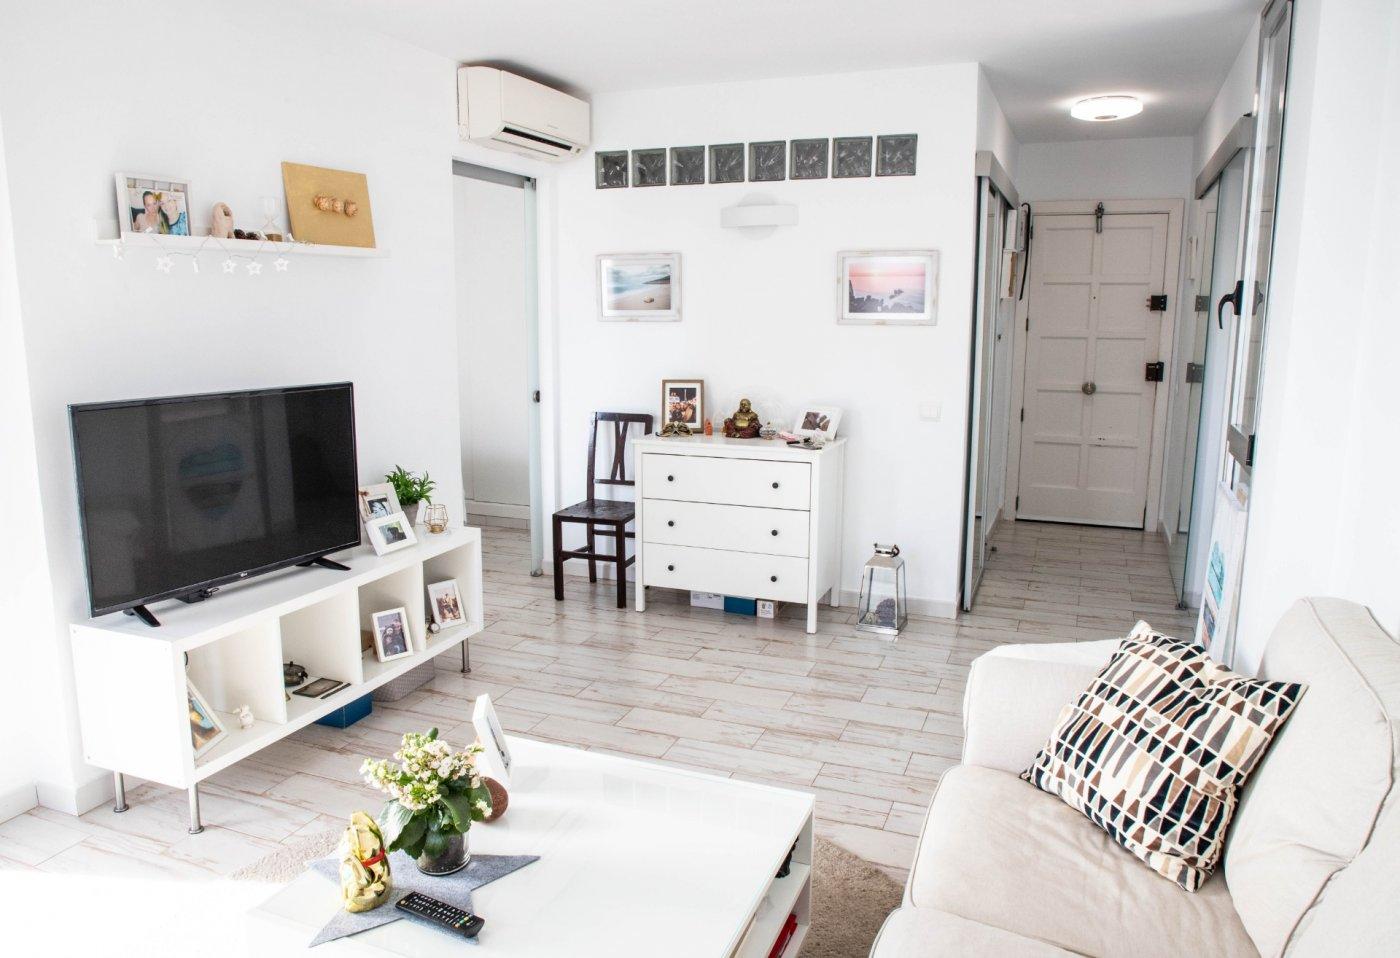 Alquiler con opcion de compra!espectacular apartamento con vistas al mar y parking propio - imagenInmueble2